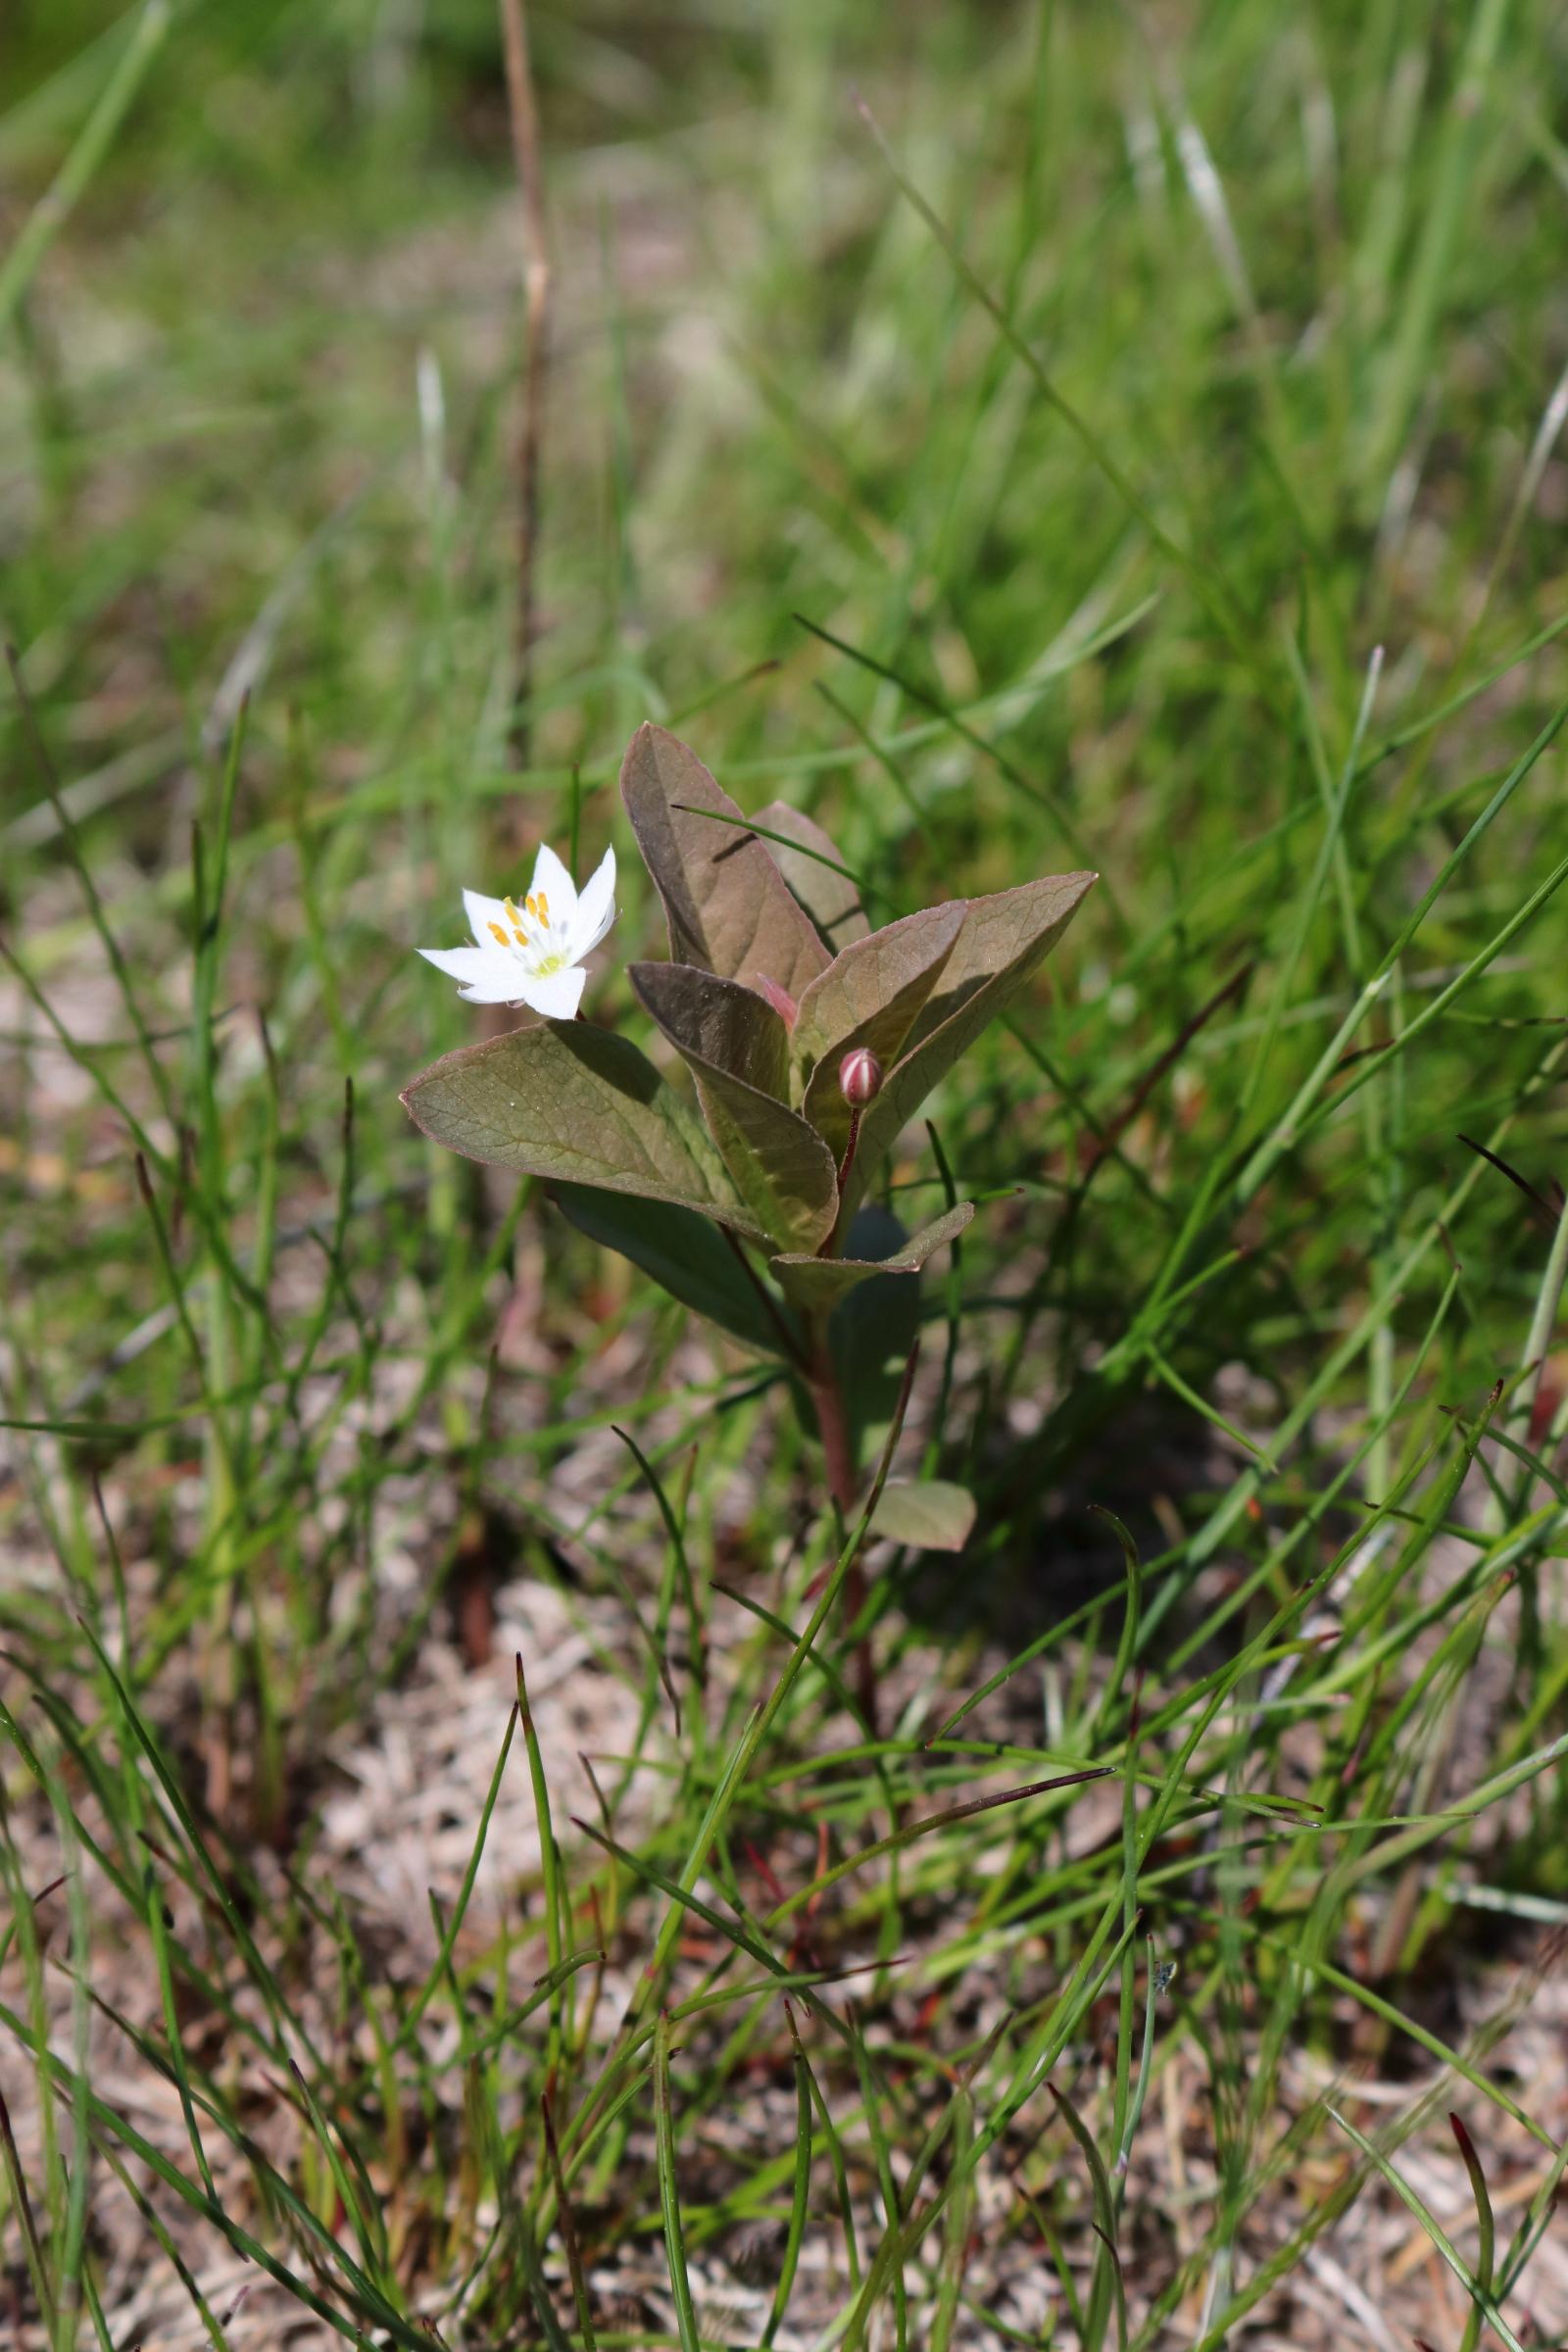 Siebenstern - Detailaufnahme der Blüte